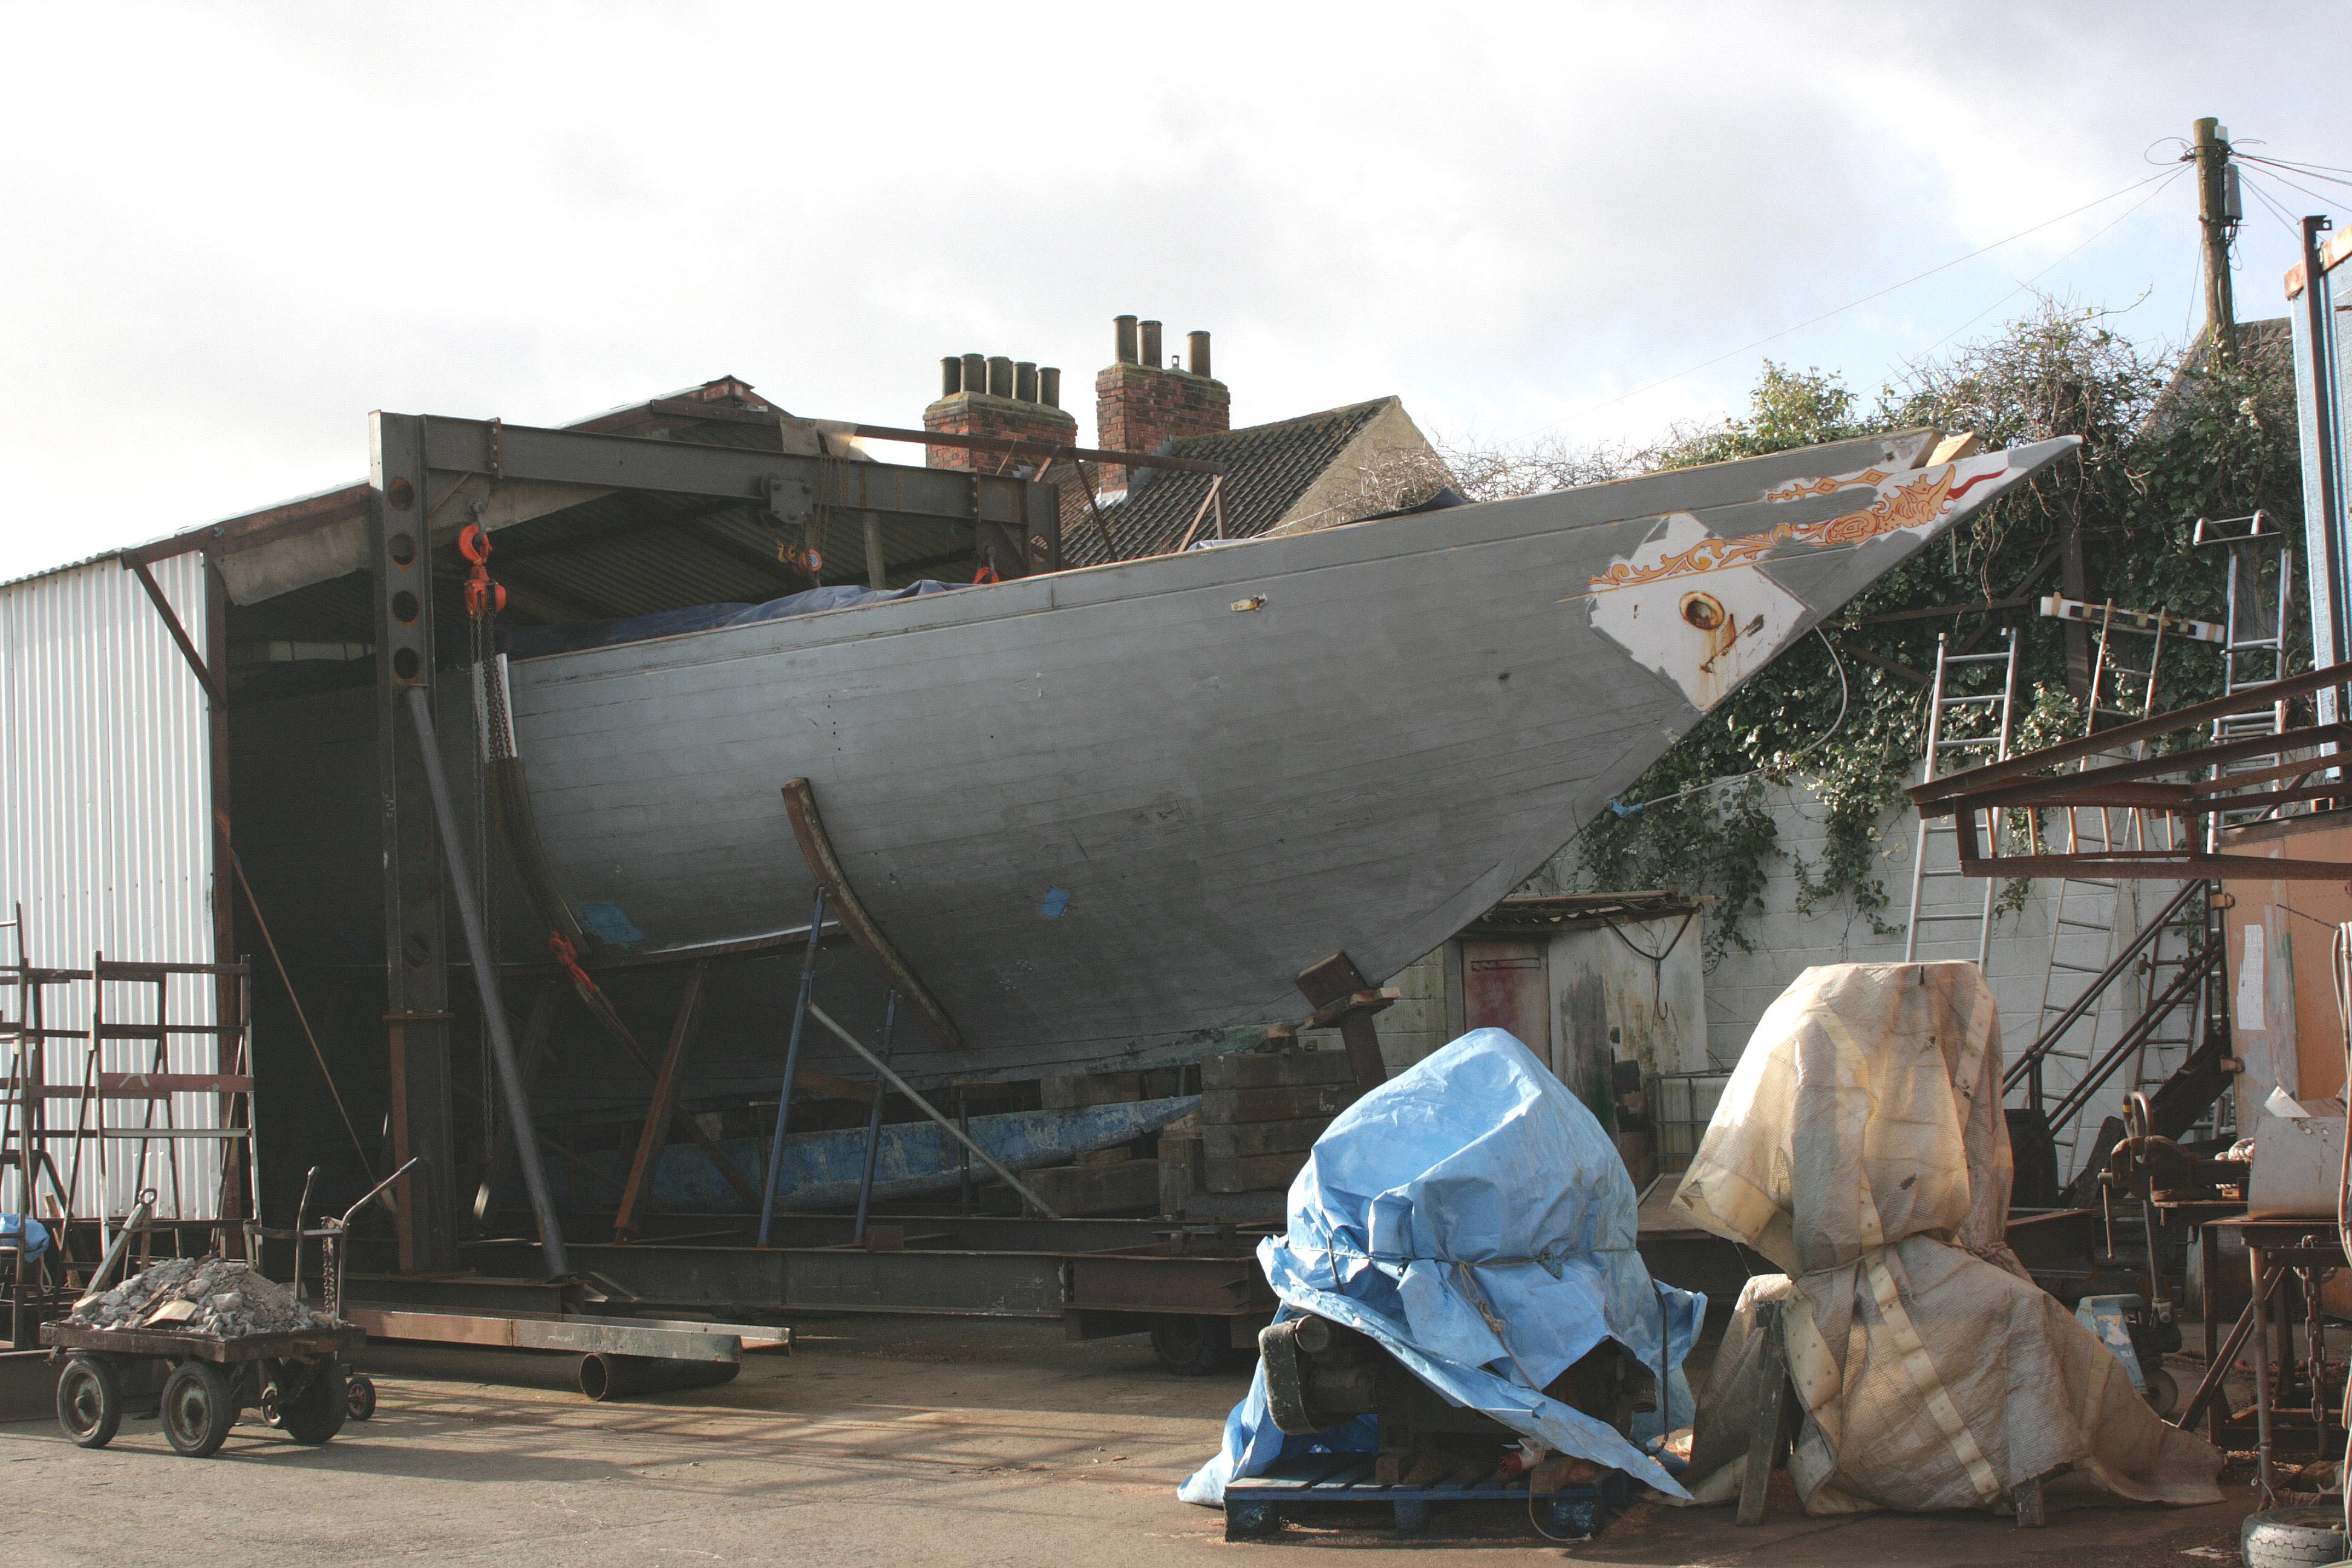 Fife schooner Elise in the shed